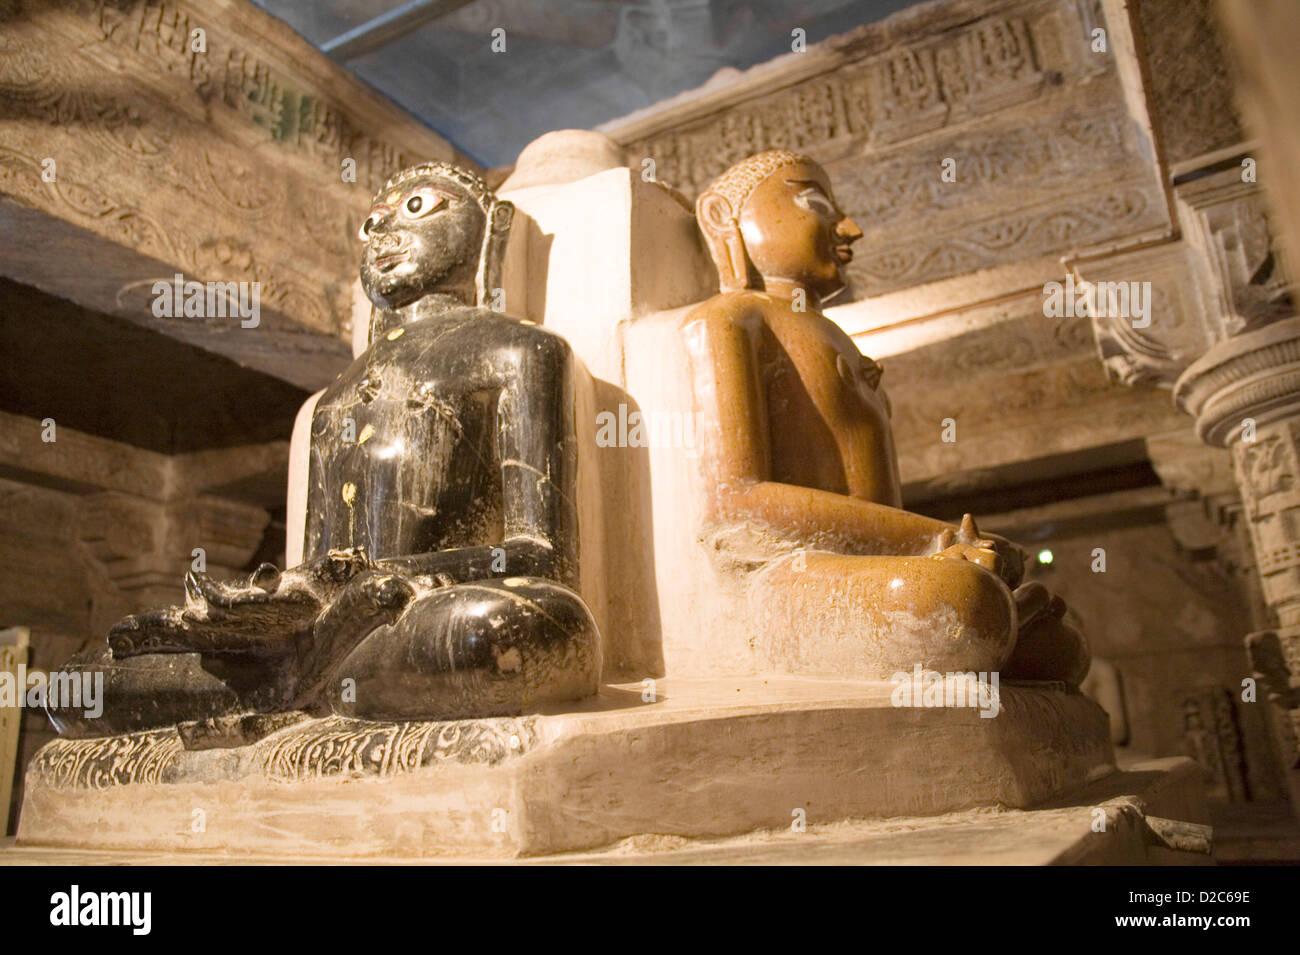 Estatuas de mármol blanco y negro en la meditación Dhyana Padmasanam Teerathnkar postura yógica monumento Imagen De Stock